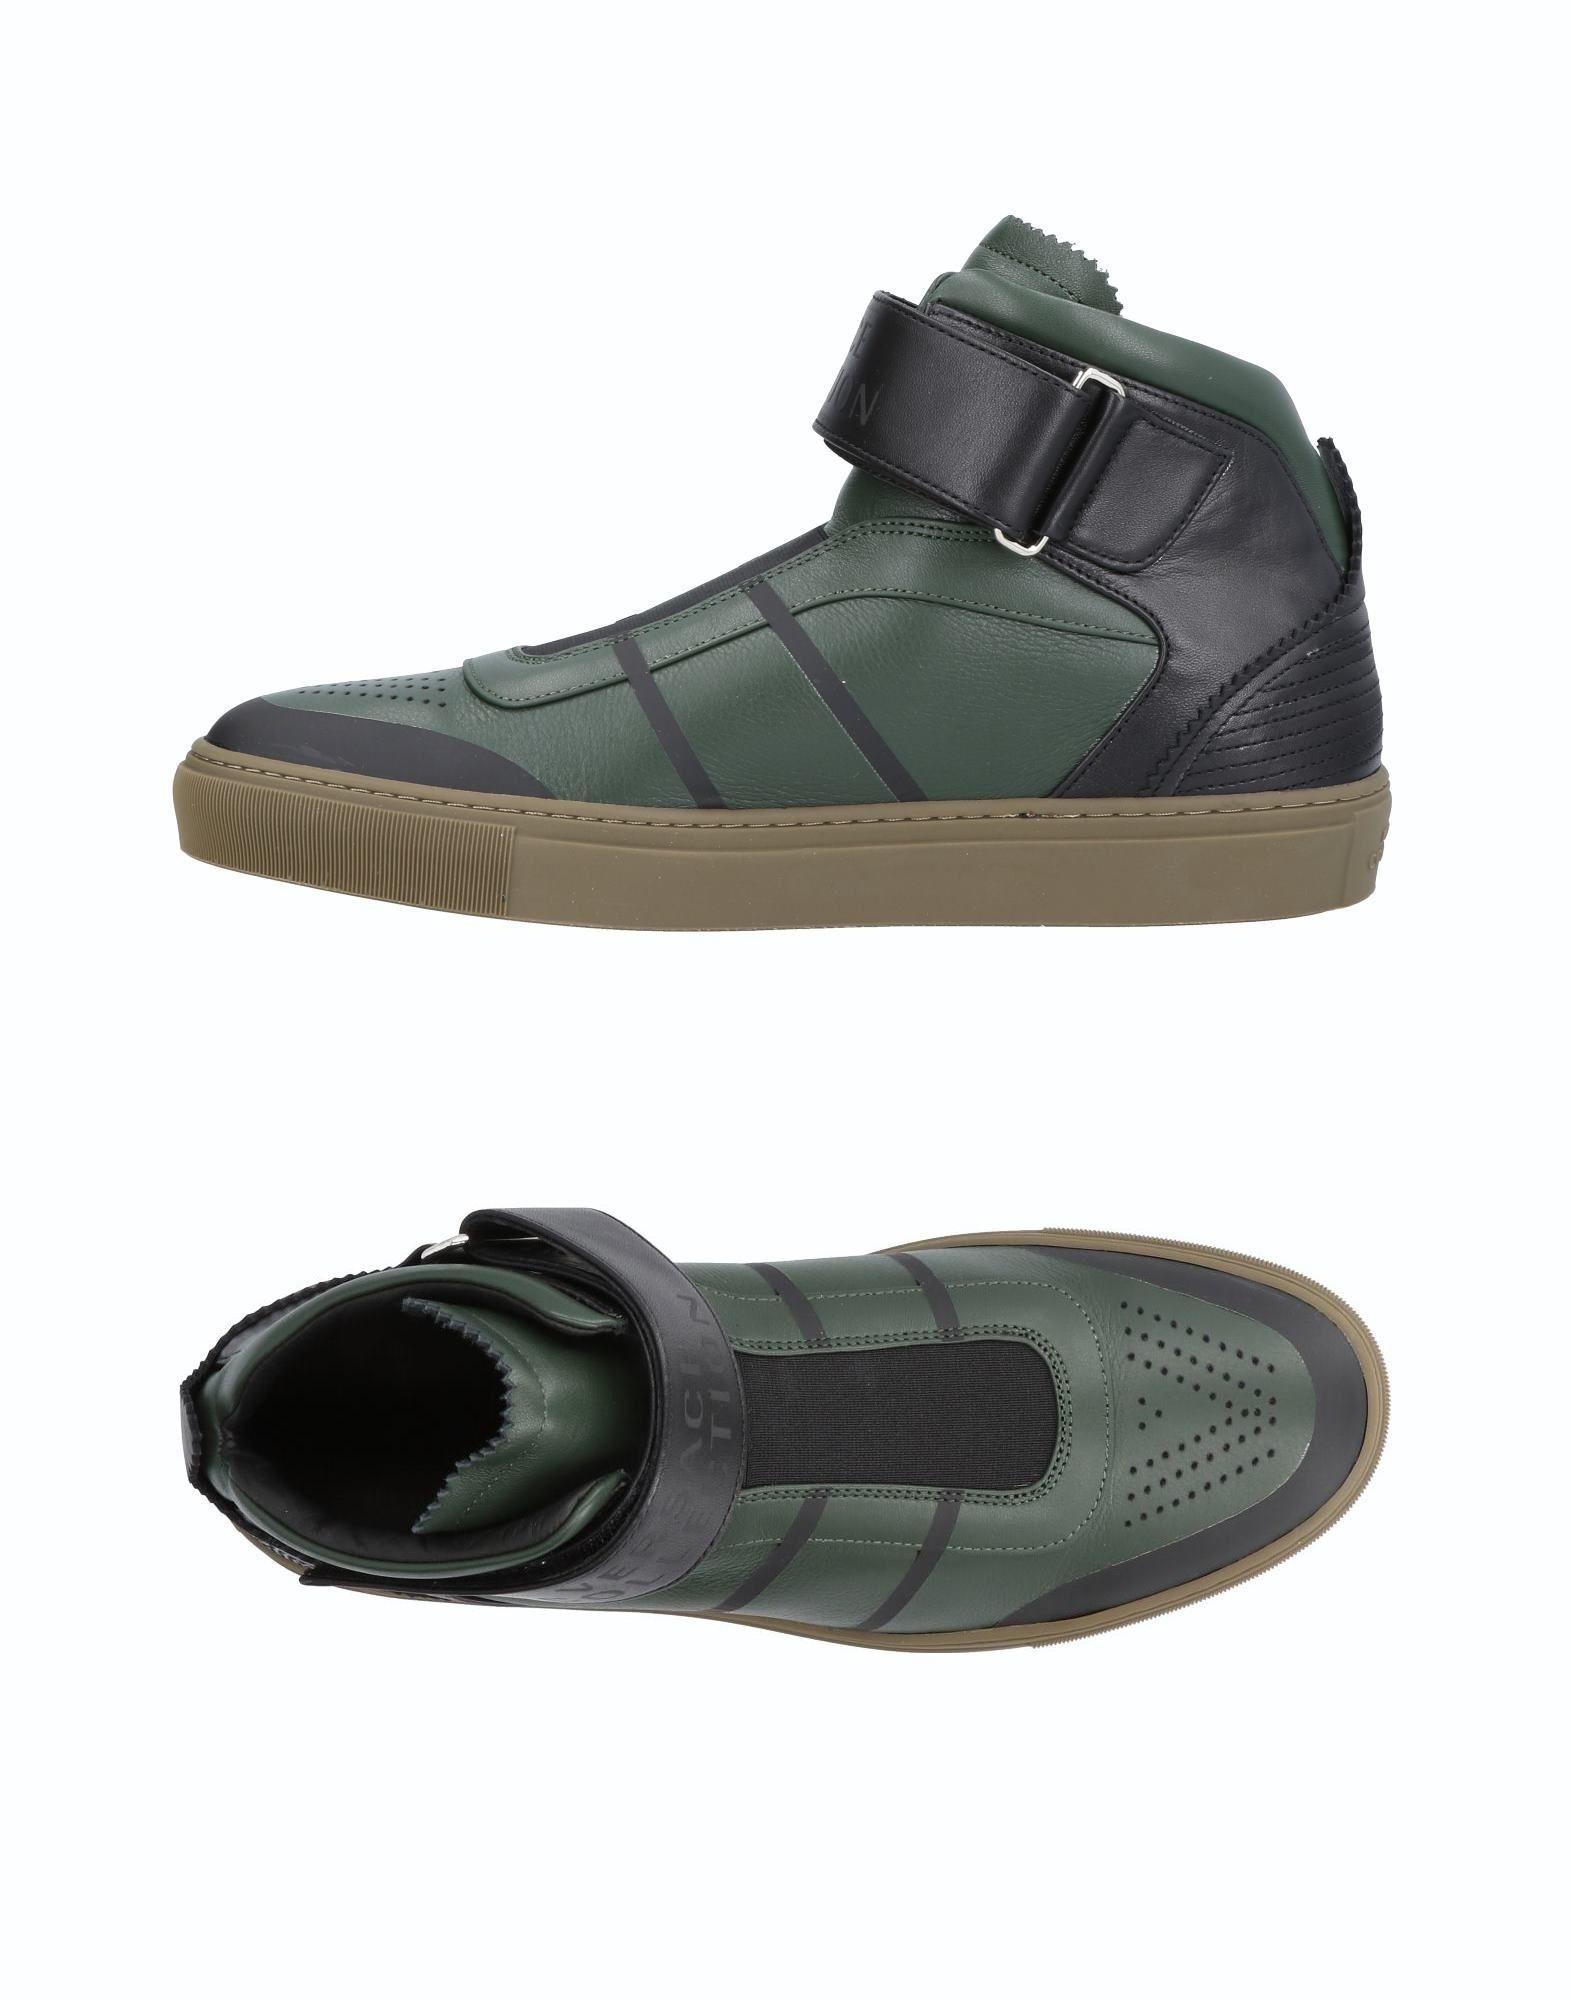 Versace Collection Sneakers Herren  11463741JL Gute Qualität beliebte Schuhe